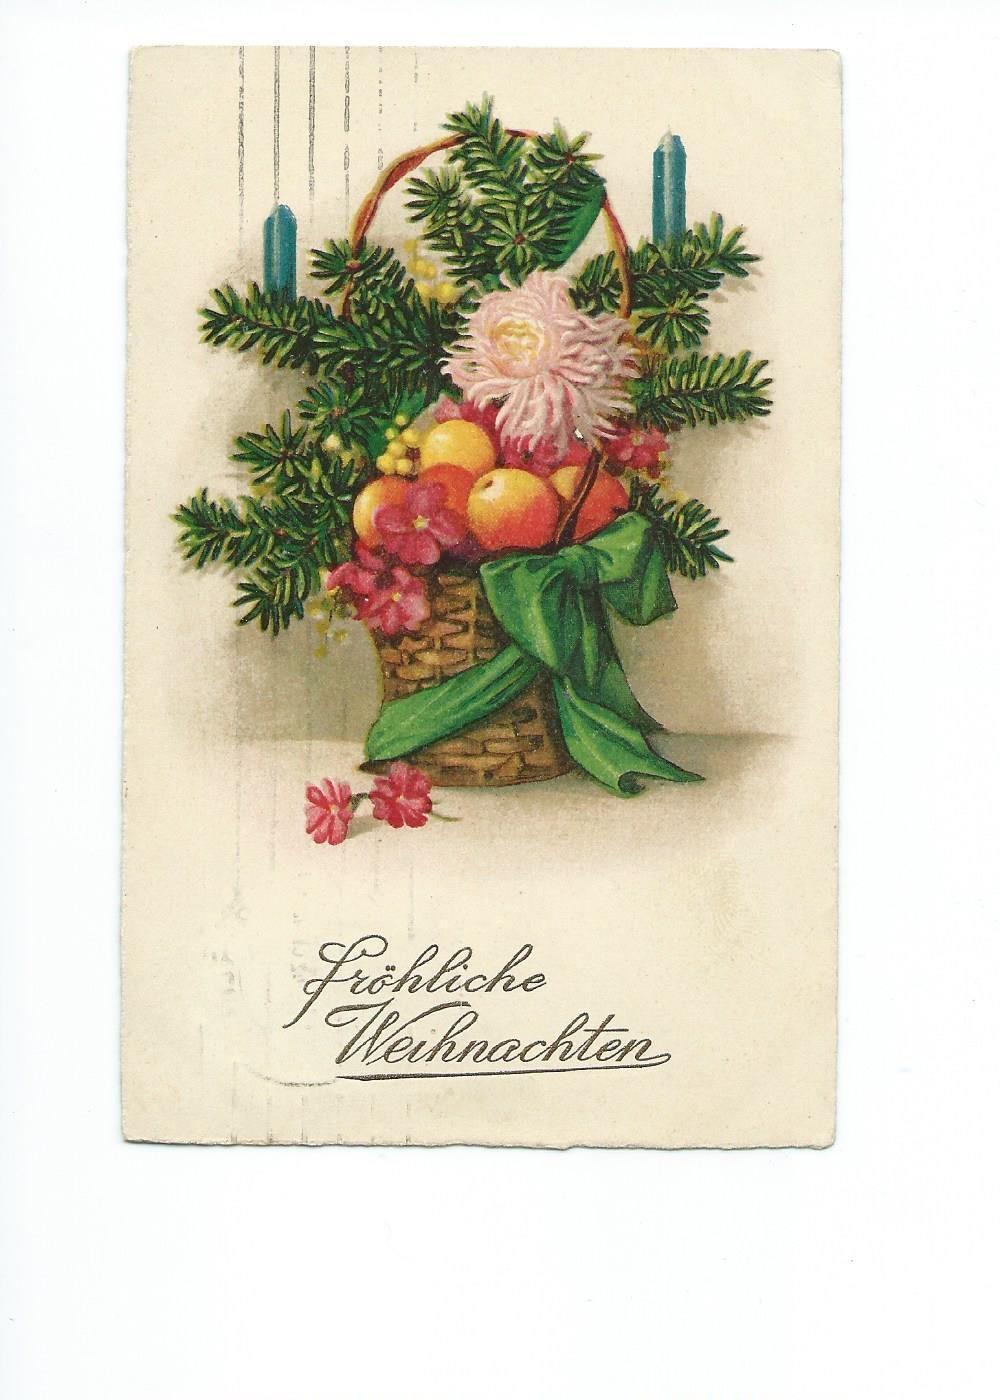 Weihnachtsbilder Tannenzweig.Pin Von Melilotus Albus Auf Hannes Petersen Tannenzweig